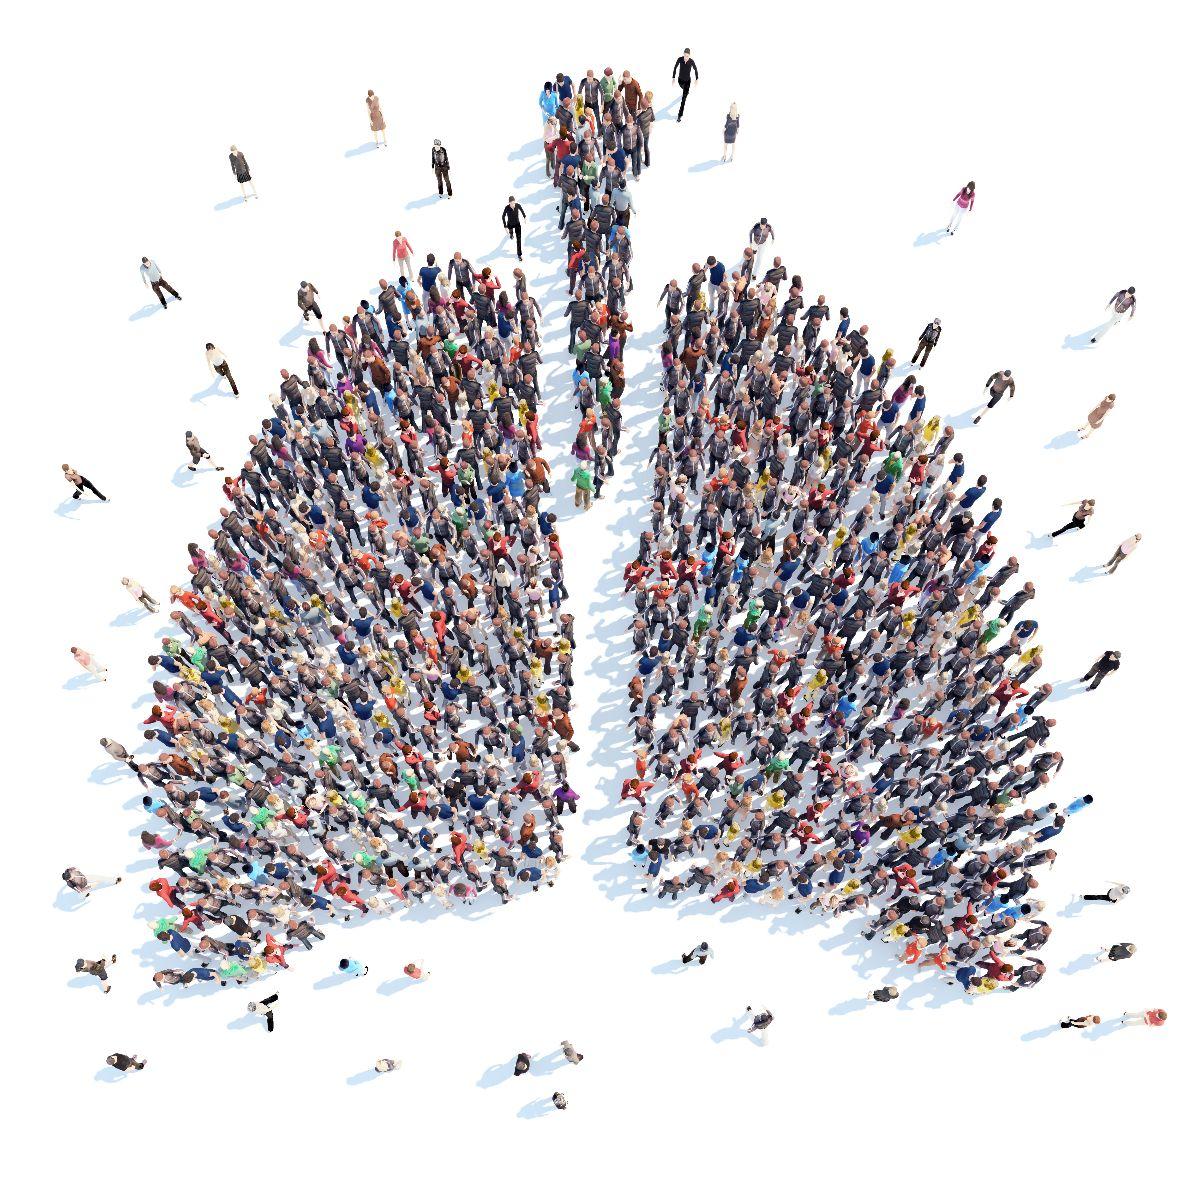 Personas en forma de un pulmón humano